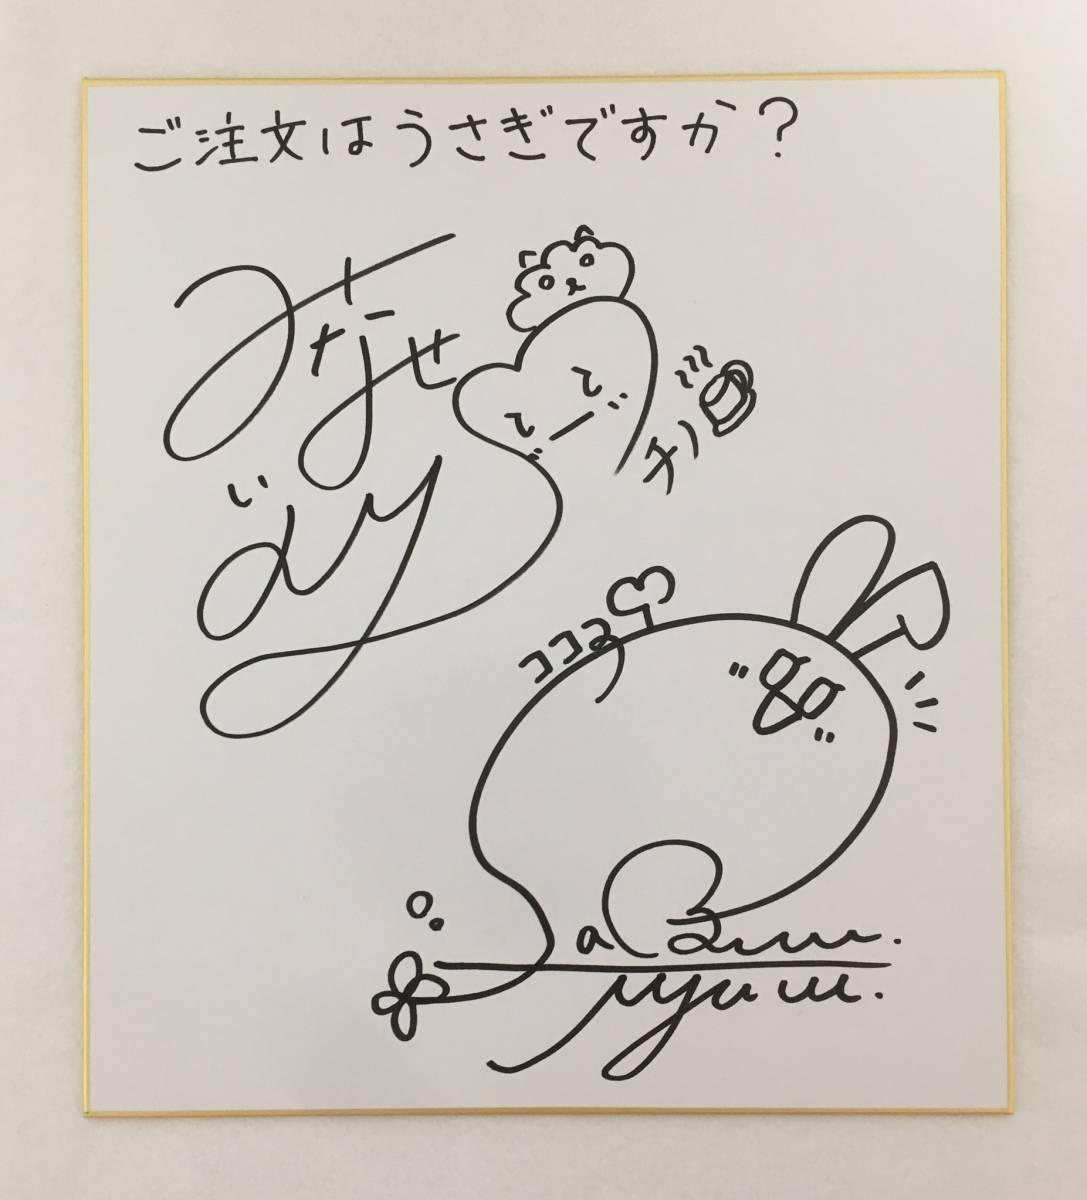 ご注文はうさぎですか?◆声優◆直筆サイン色紙◆佐倉綾音 水瀬いのり